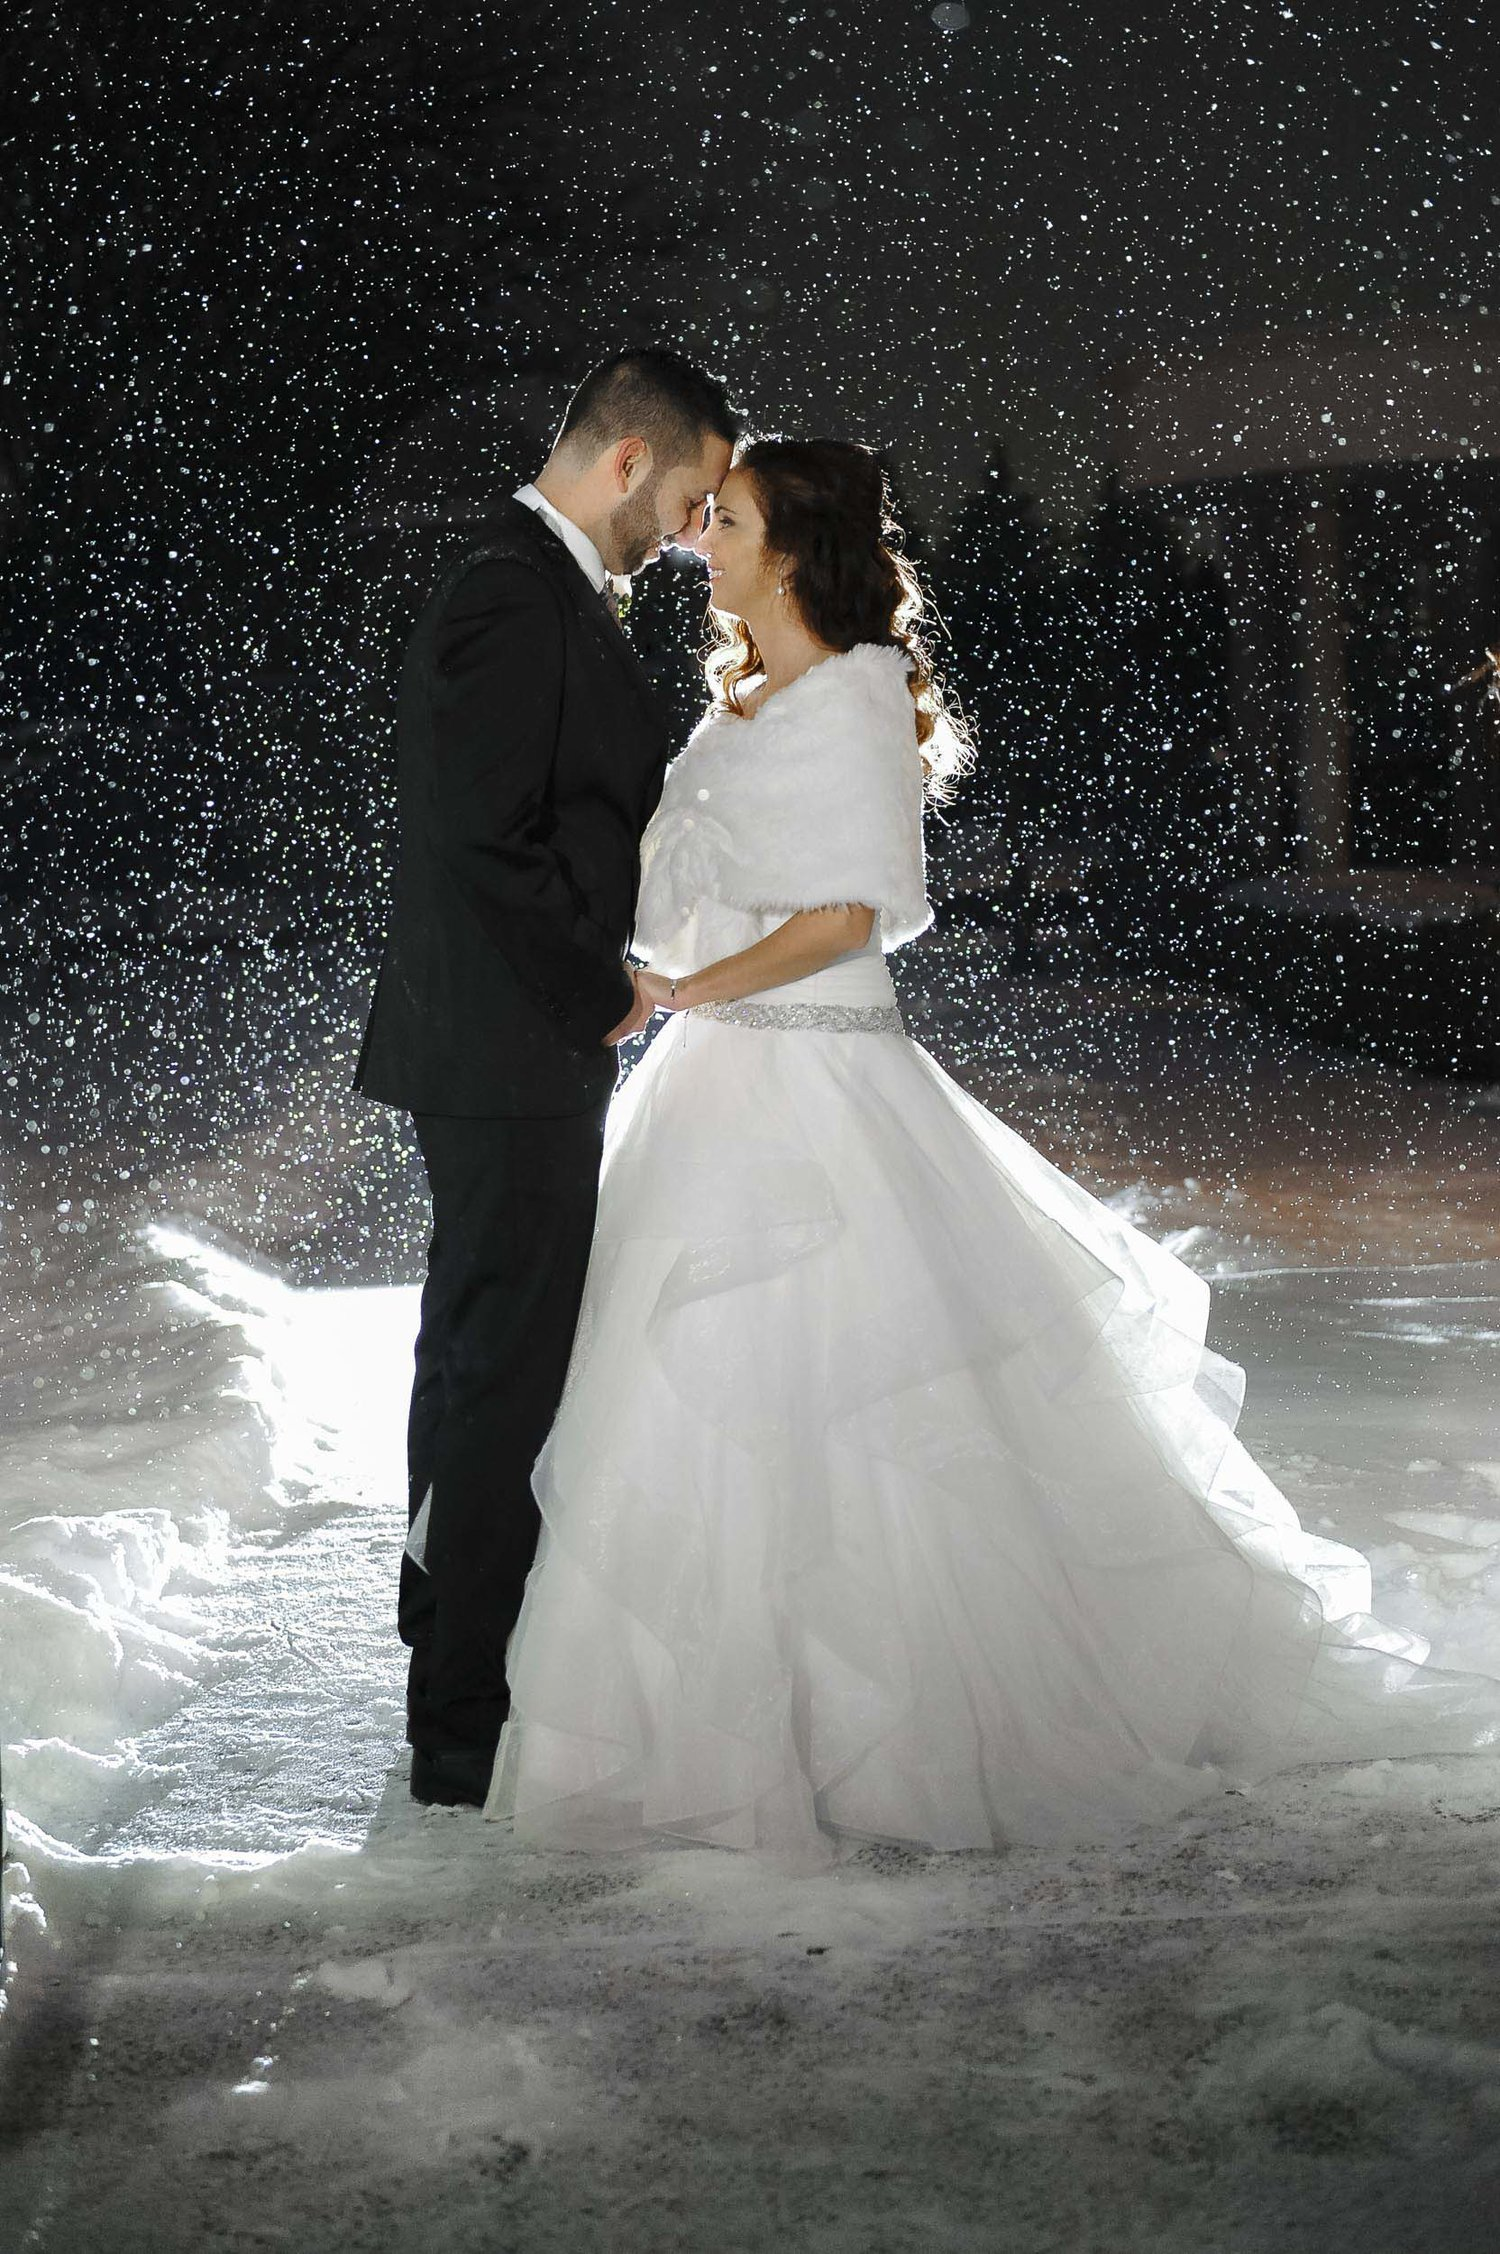 How I Got The Shot Wedding Photographers Albany Ny Jeffrey